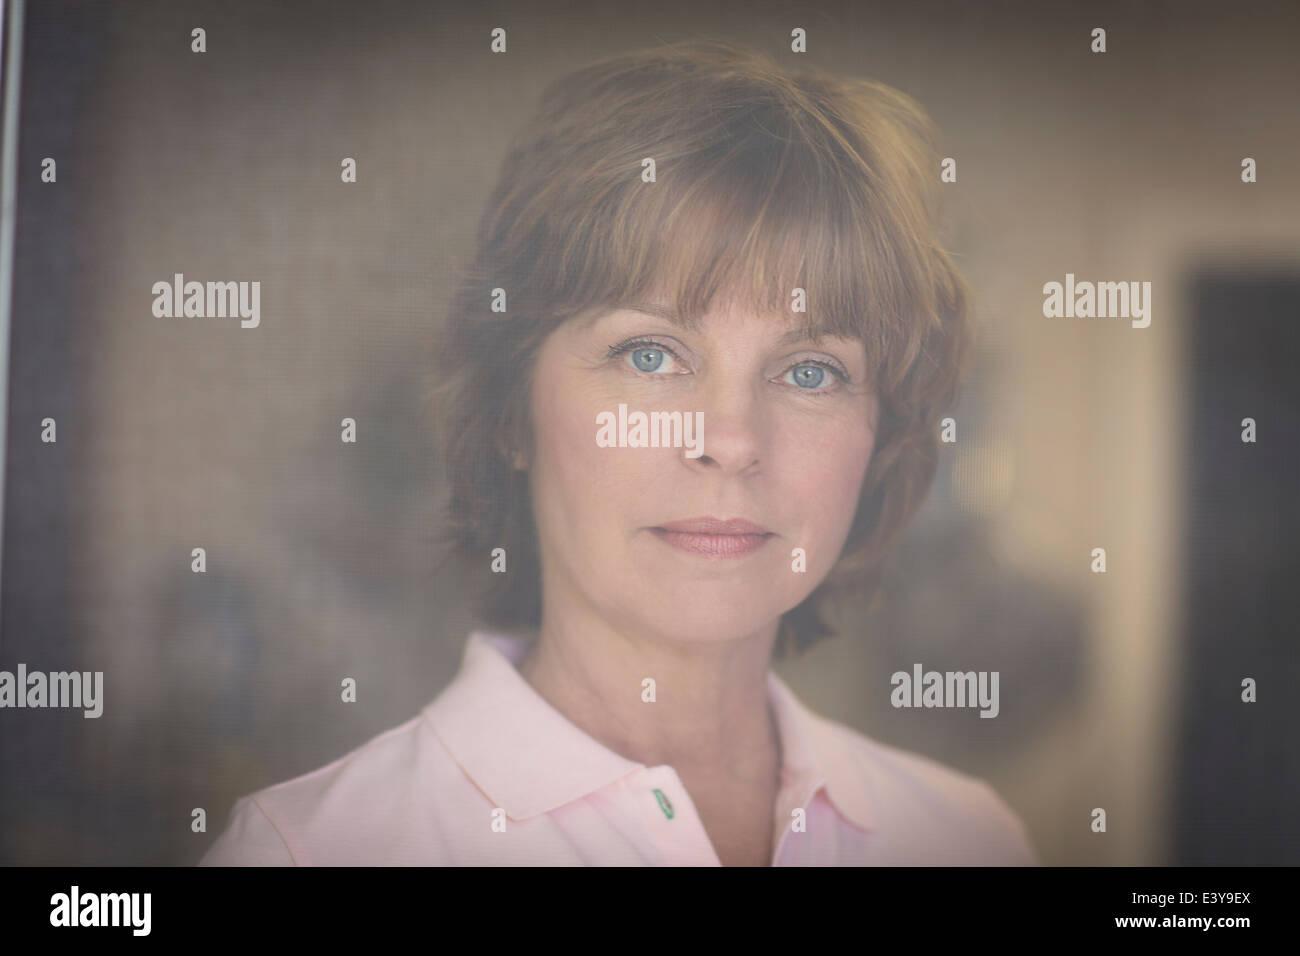 Porträt von Mitte Erwachsene Frau, nachdenklichen Ausdruck Stockbild